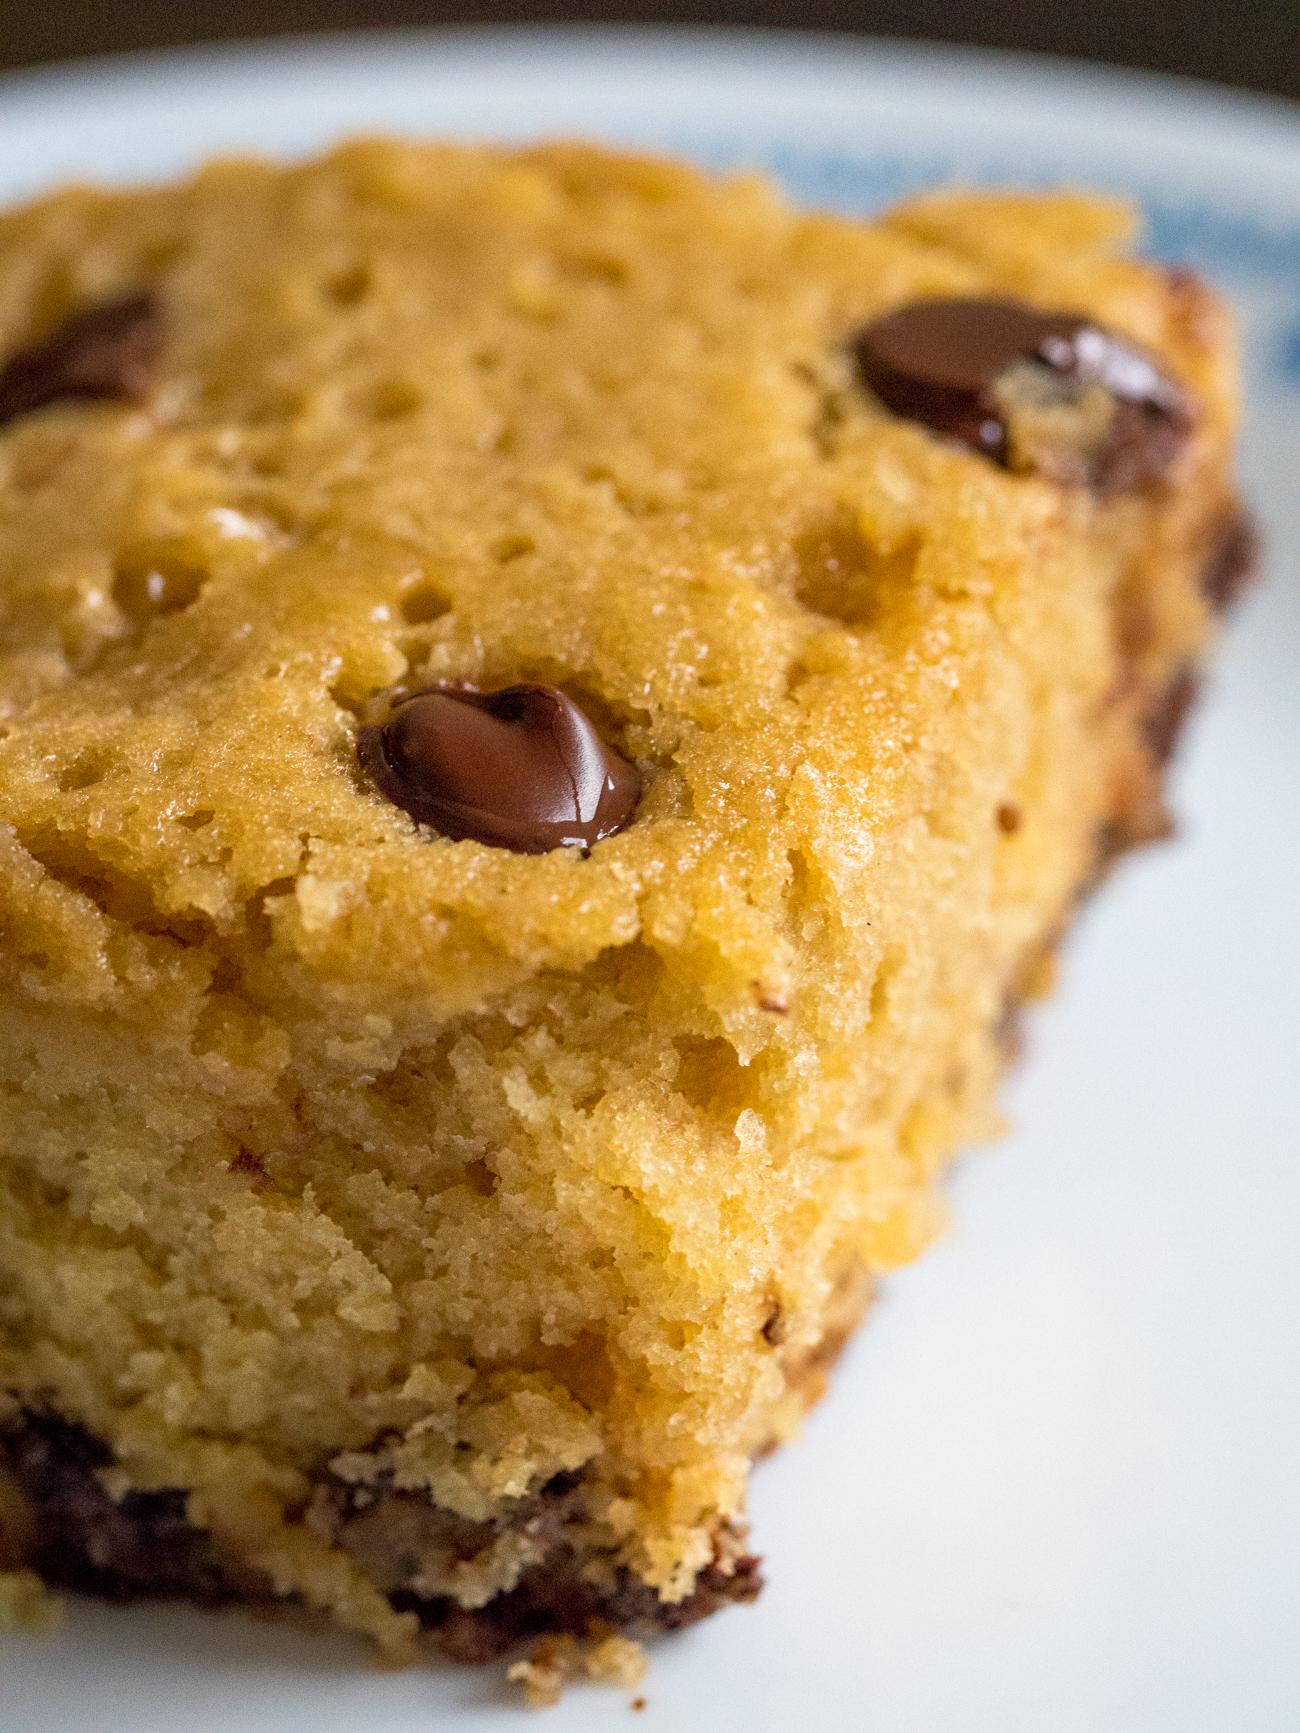 XXL Slow Cooker Cookie Vertical 1